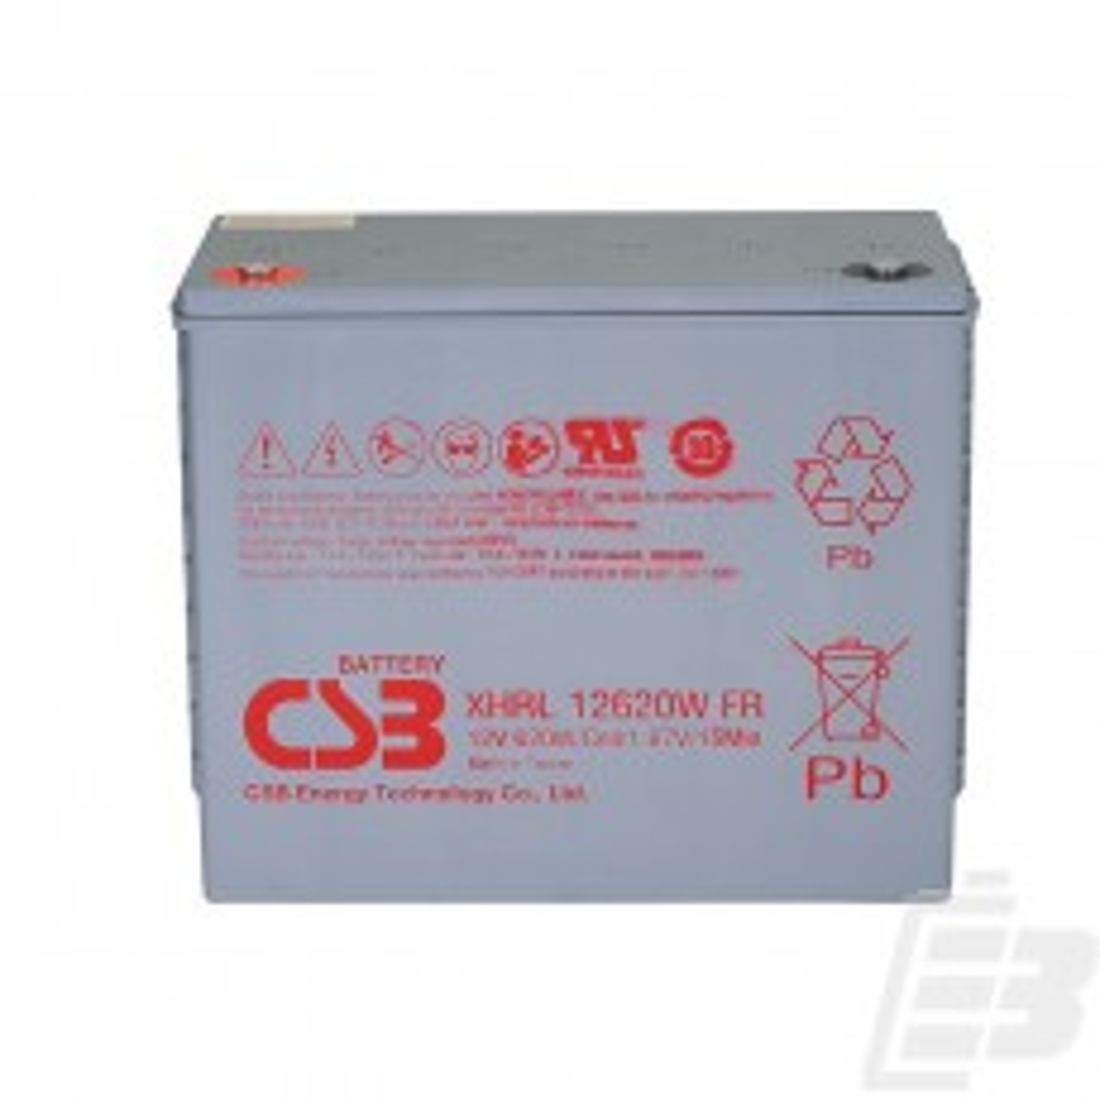 Μπαταρια Μολυβδου CSB XHRL12620W 12v 130ah 1